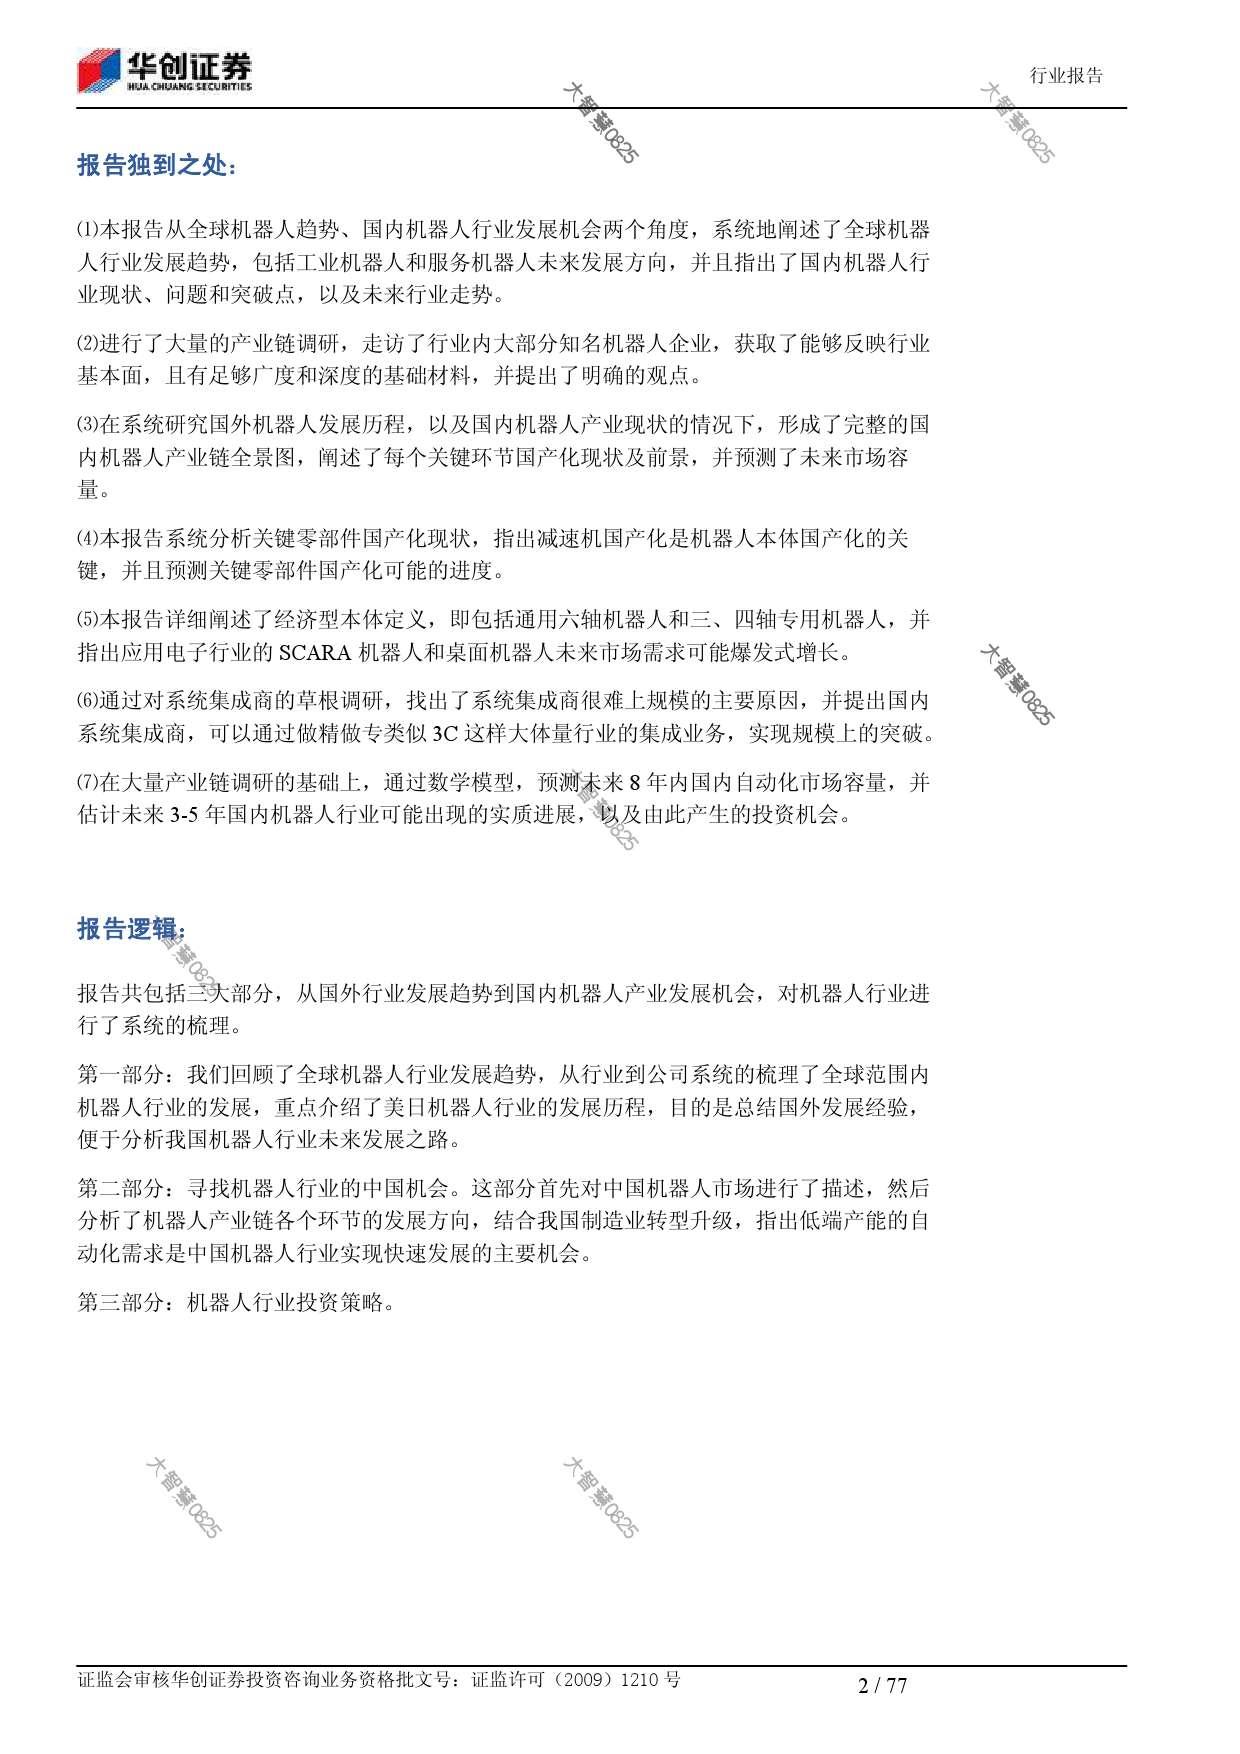 行业研究_华创证券_刘国清,鲁佩_机械设备:机器人大趋势_2014021_000002